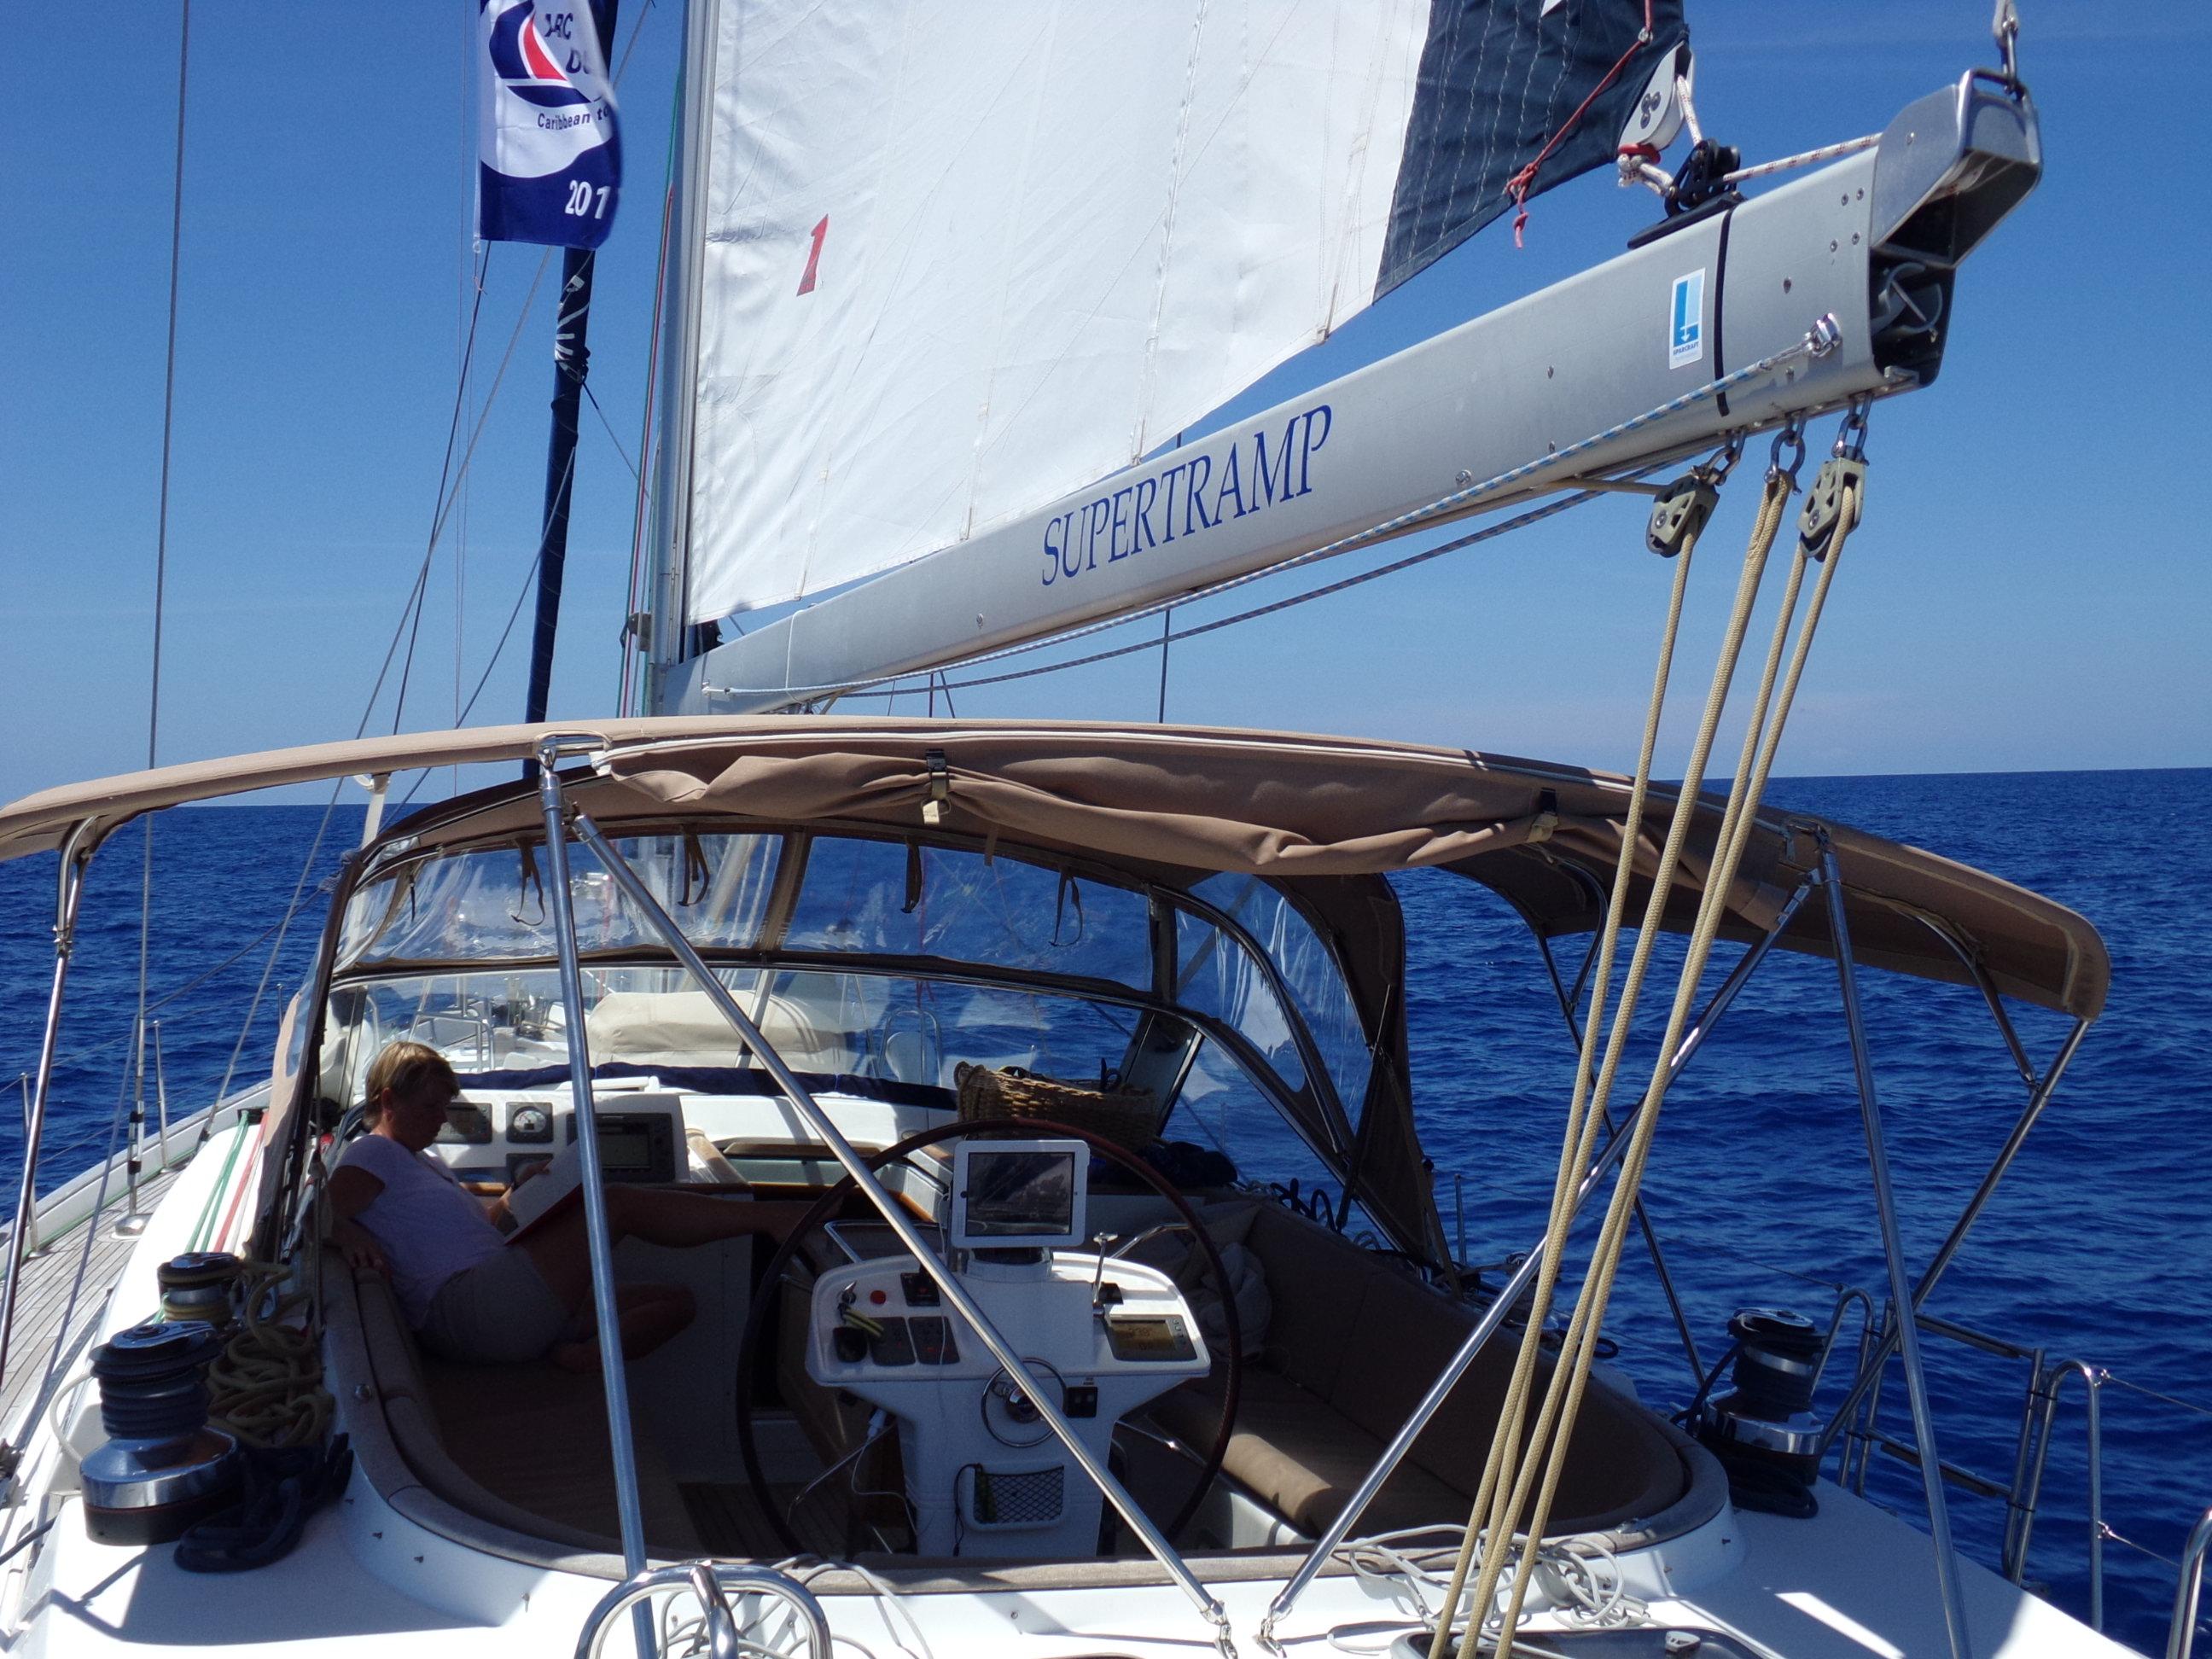 Sailing Supertramp